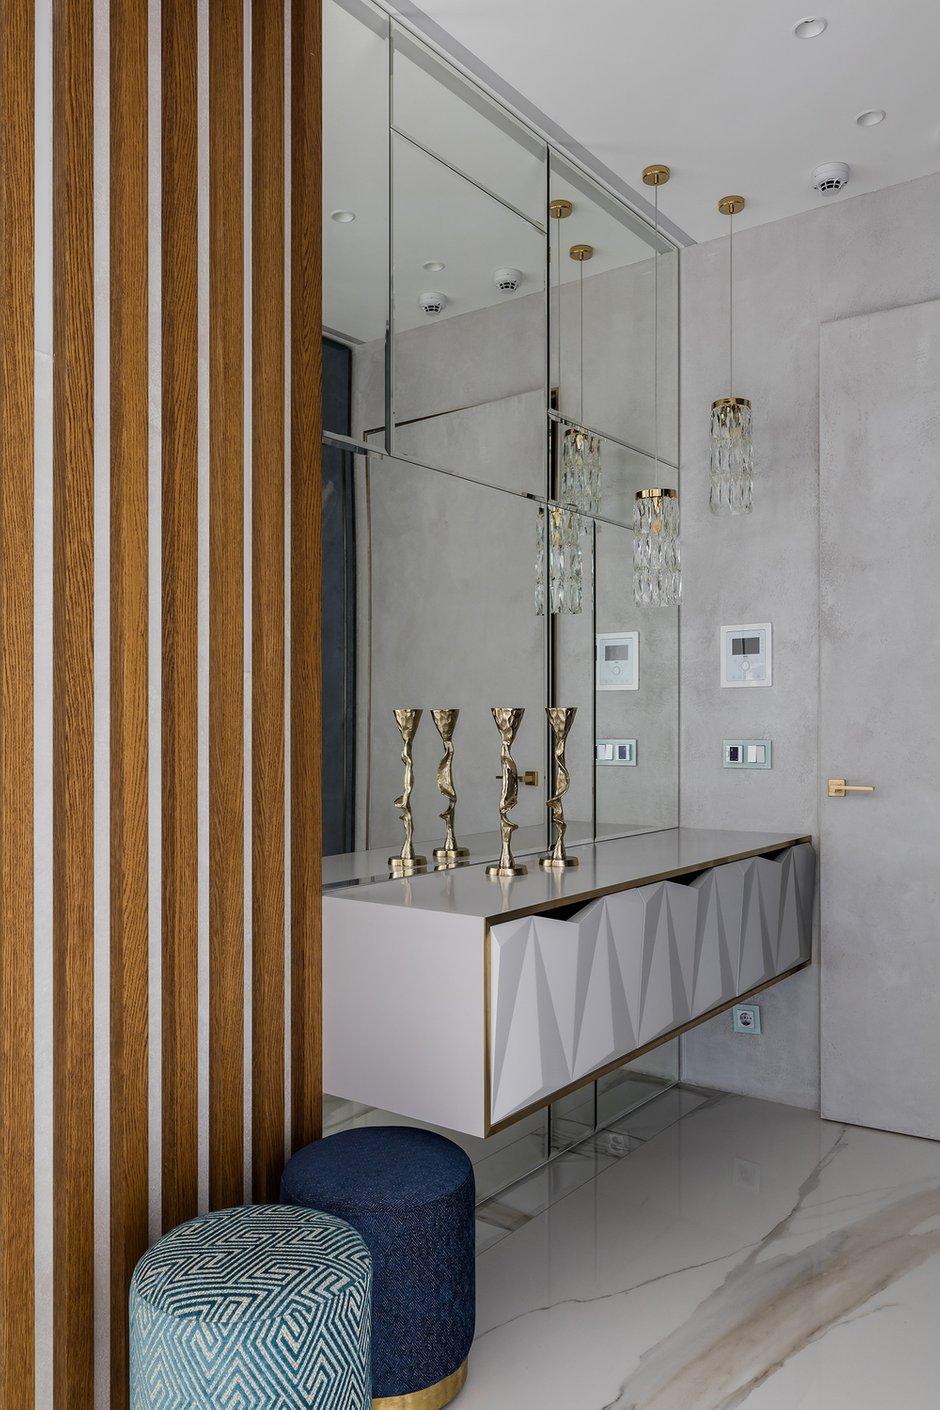 Фотография: Прихожая в стиле Современный, Квартира, Проект недели, Москва, Ульяна Скапцова, 3 комнаты, Более 90 метров, US Interiors – фото на INMYROOM